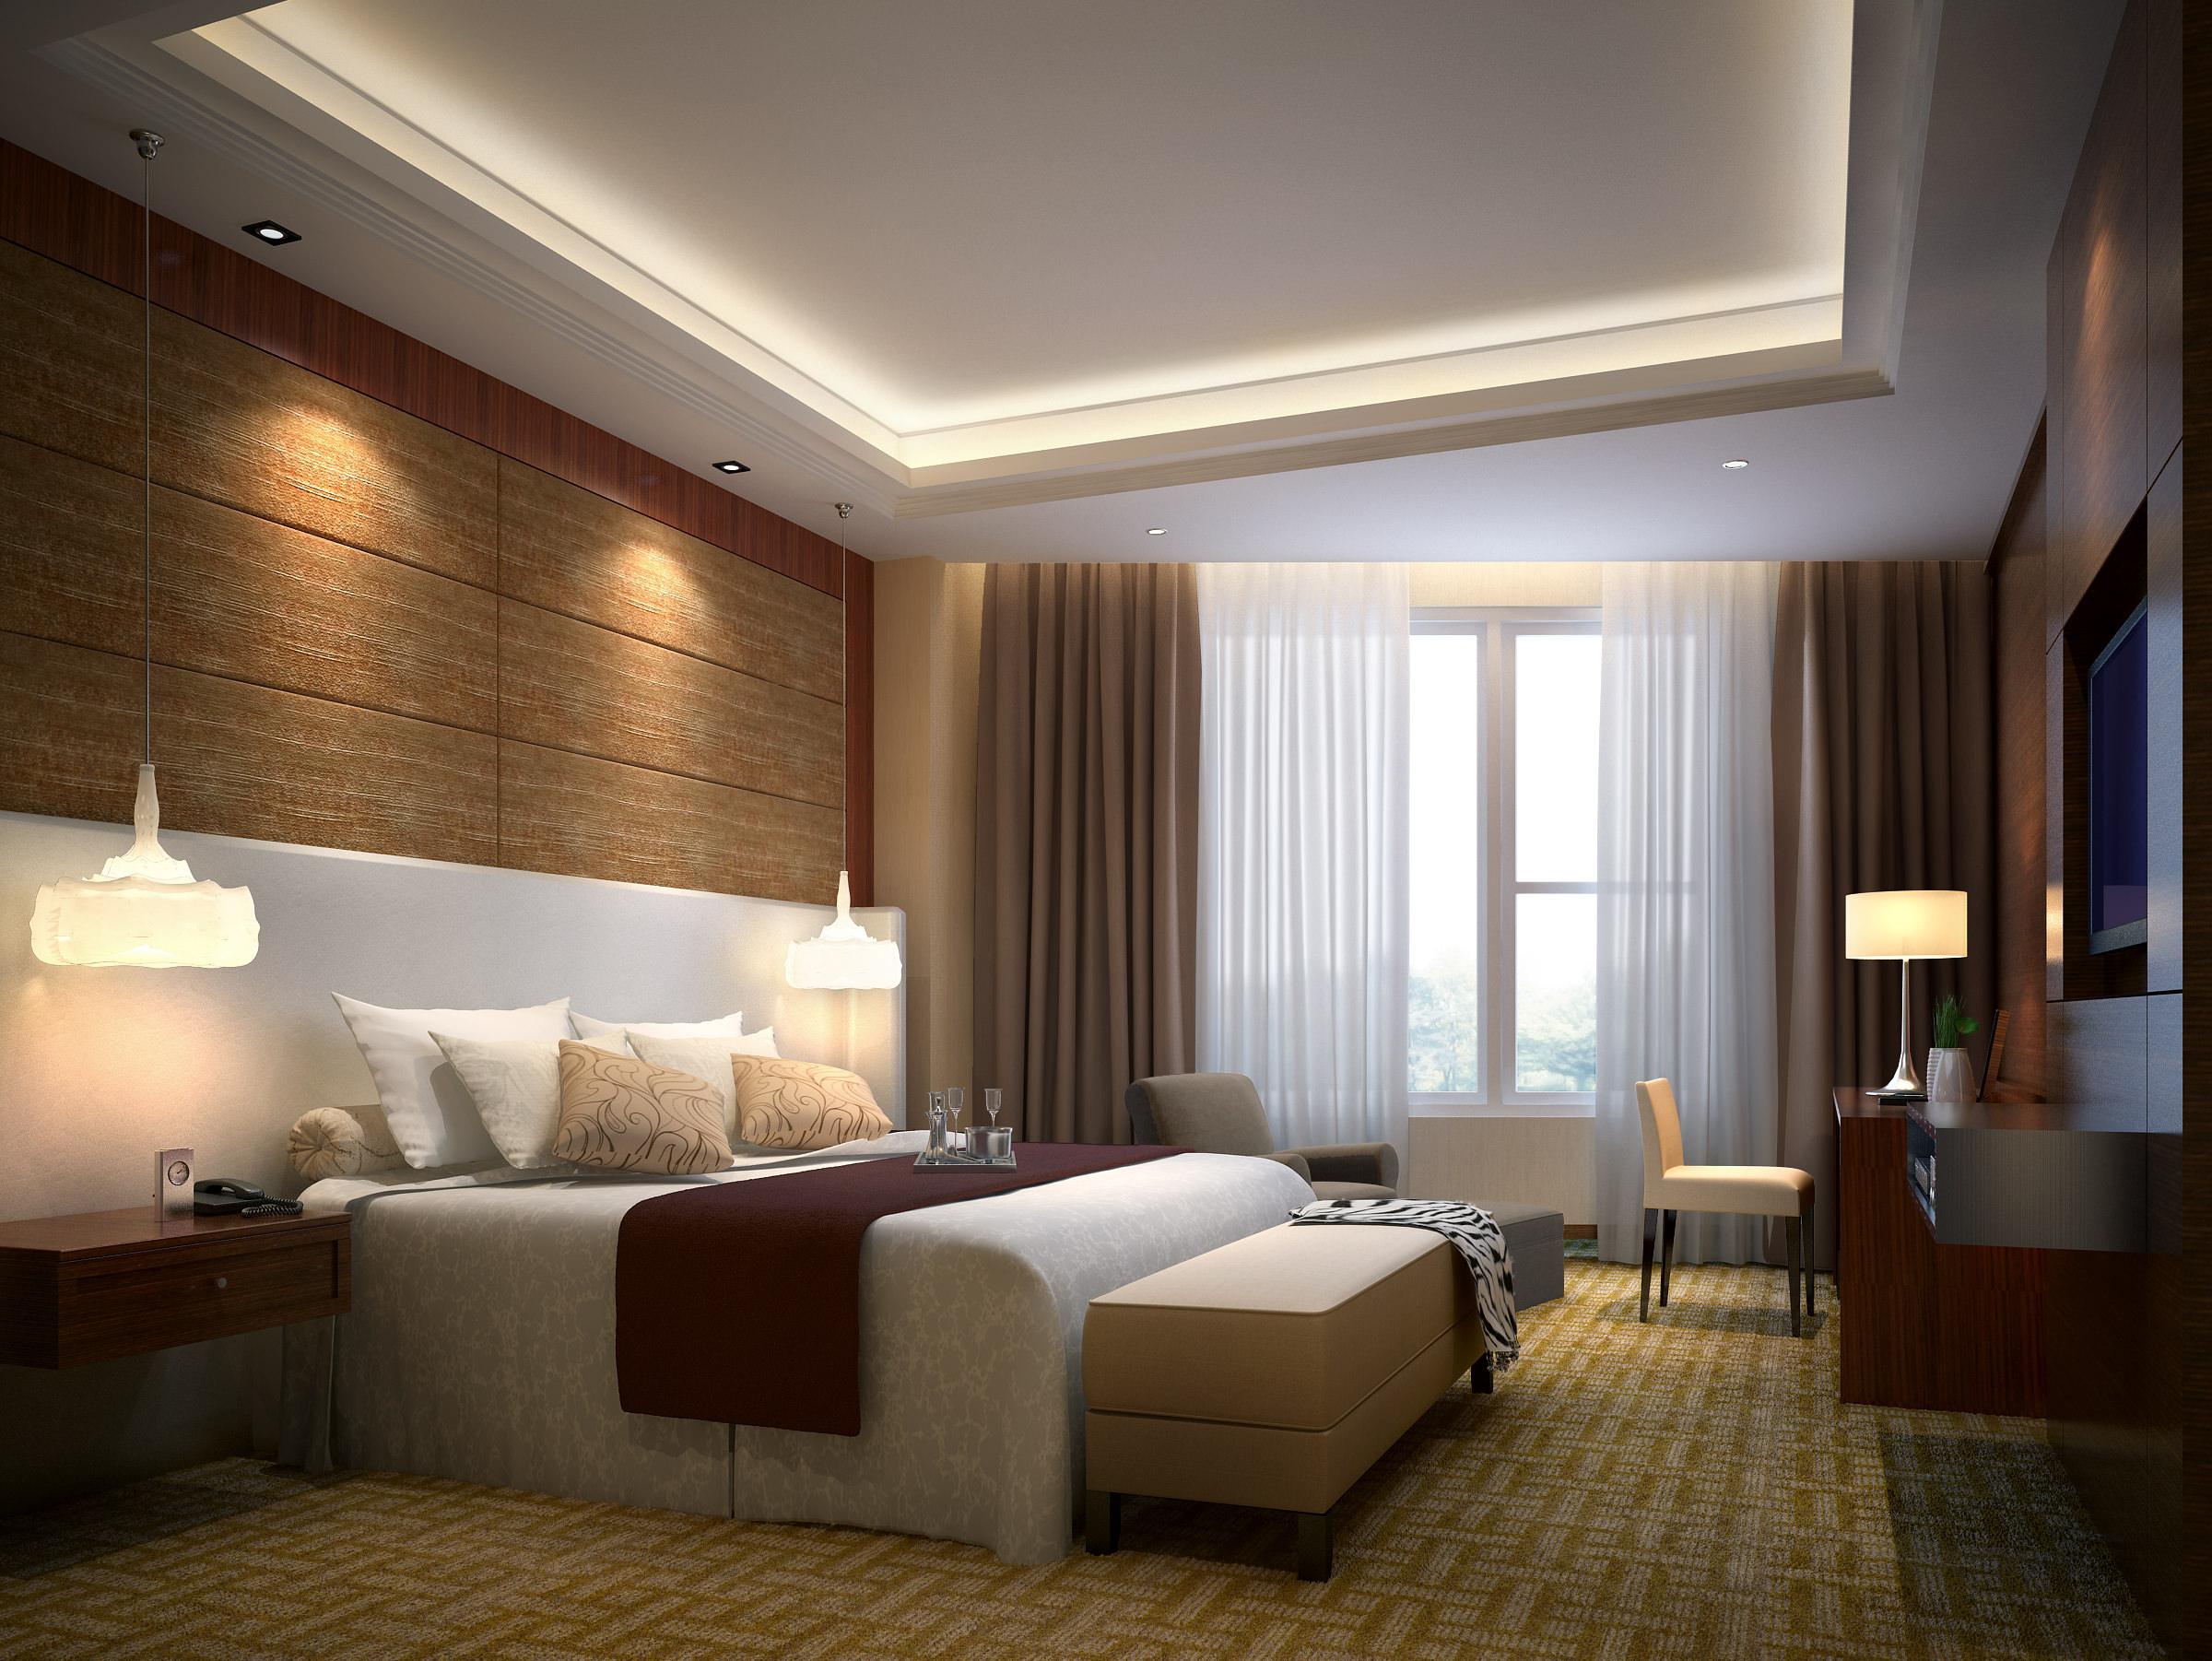 hotel bedroom 3d model max 1